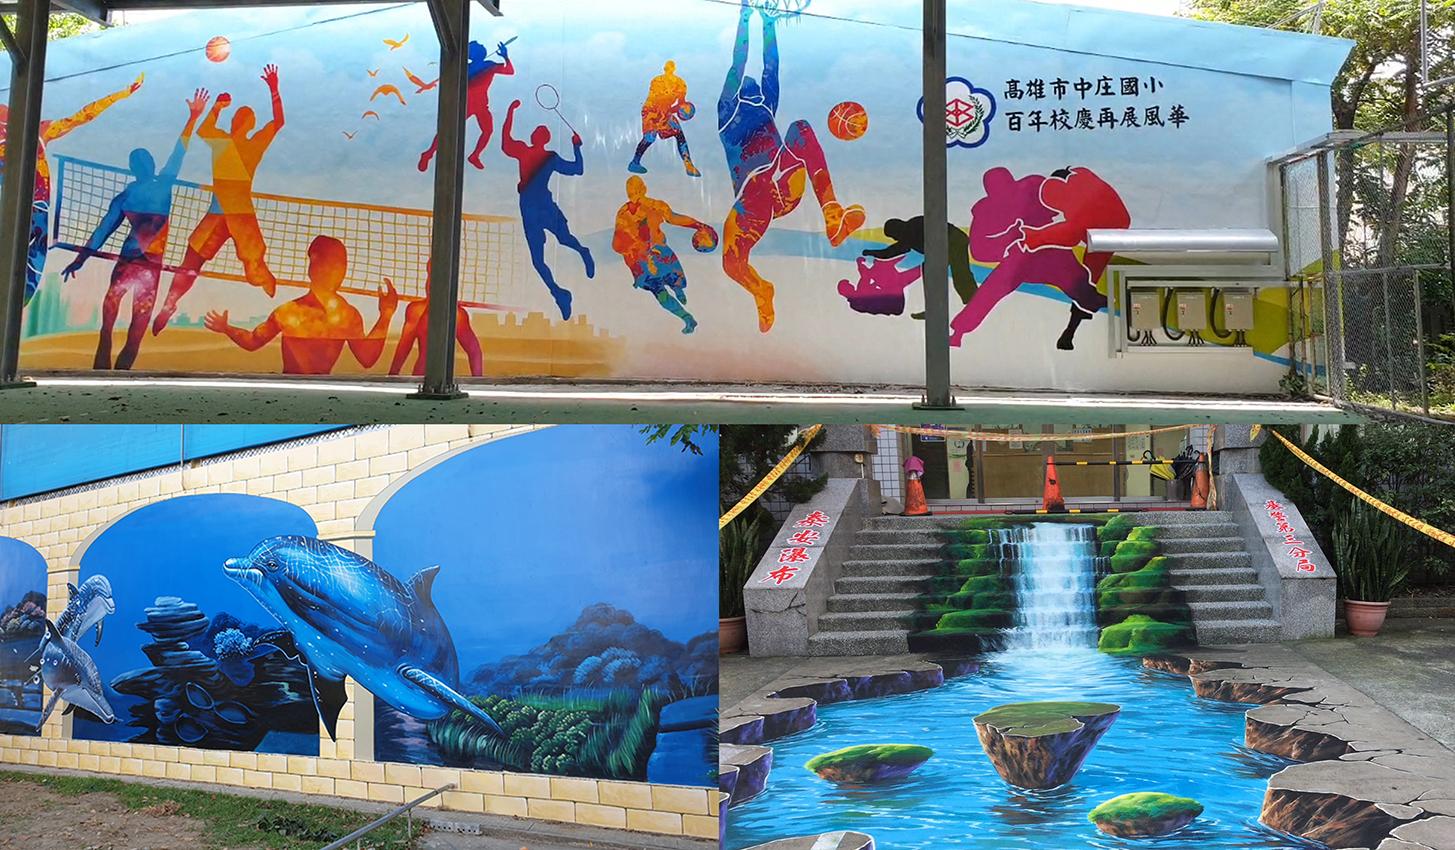 飛鴿牆壁彩繪 - 20200901231116-500258945.jpg(圖)